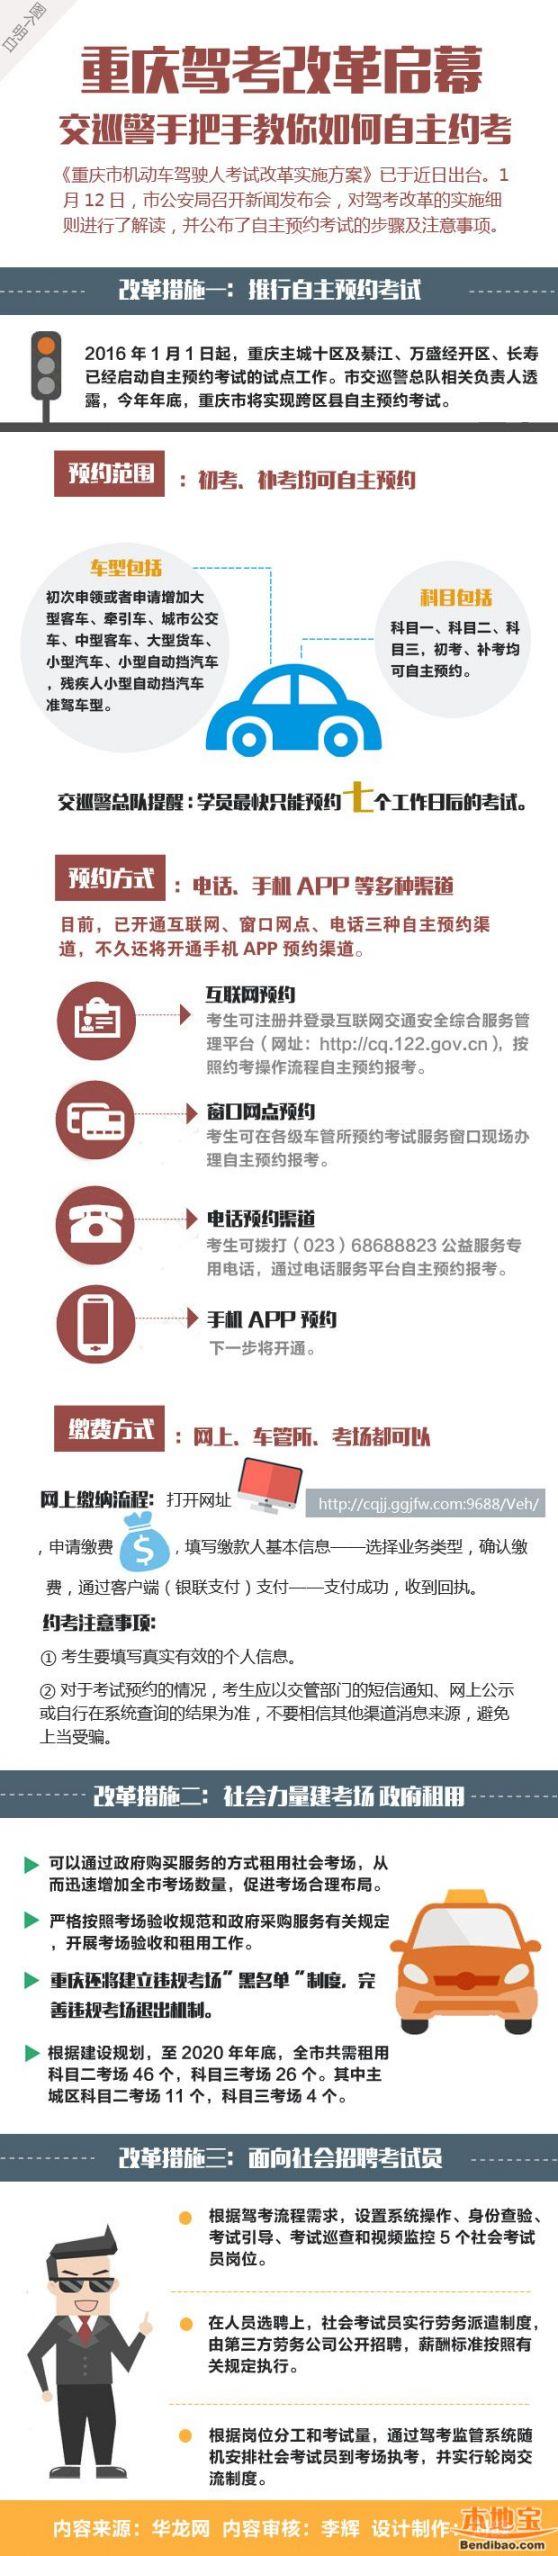 重庆驾考自主网上行预约流程